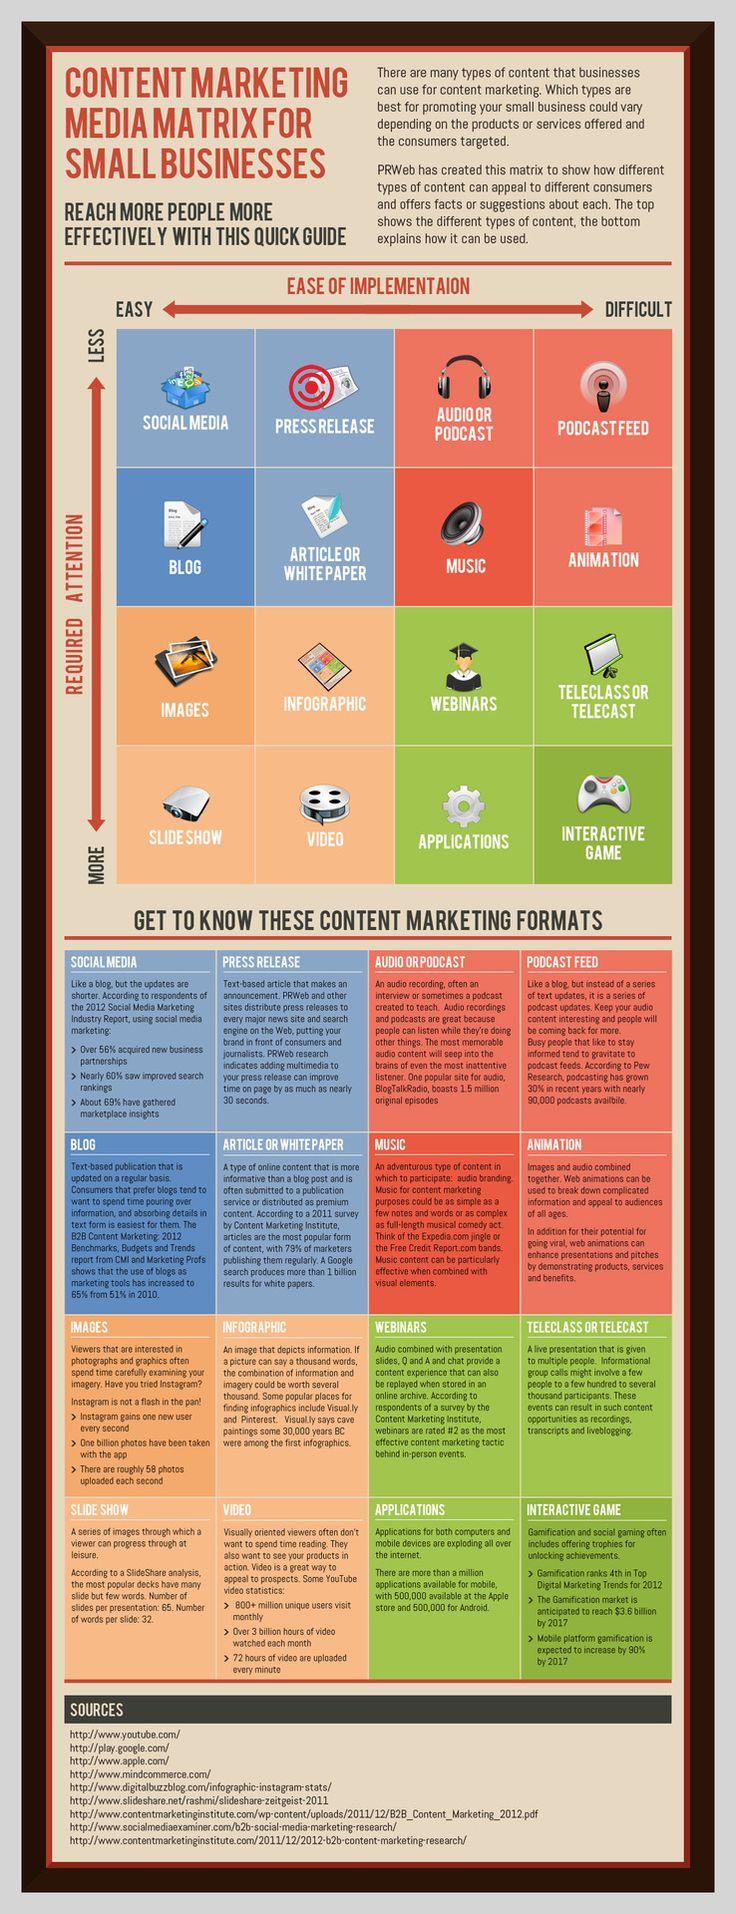 Matriu per a l'aplicació de màrqueting de continguts en negocis petits [infografia] #marquetingdigital